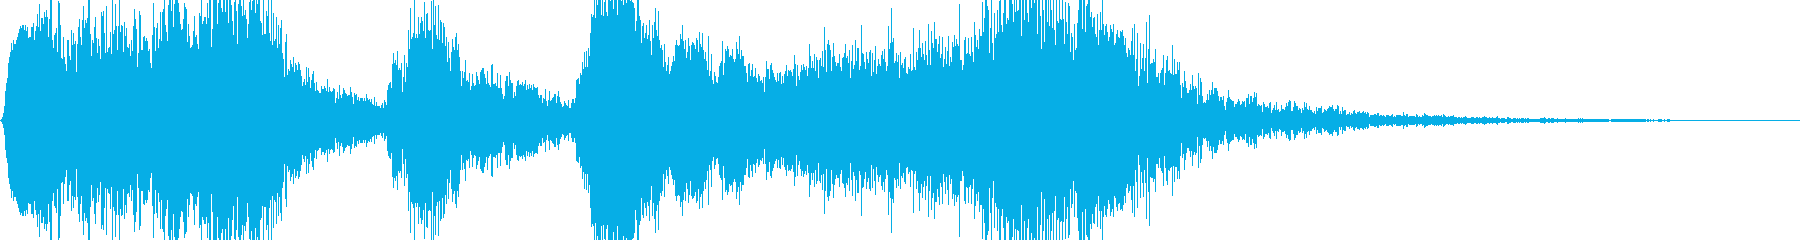 ゲームのレベルアップ時に流れるサウンドの再生済みの波形